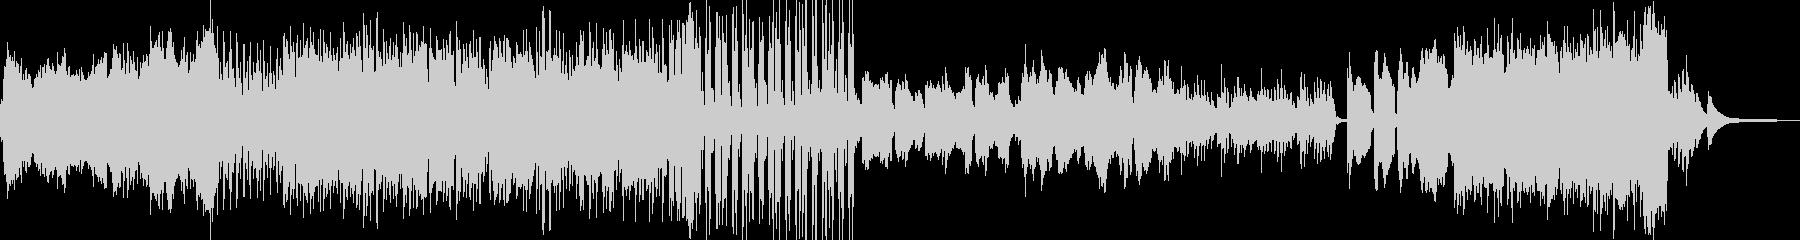 落ち葉が似合うクラシック B2の未再生の波形